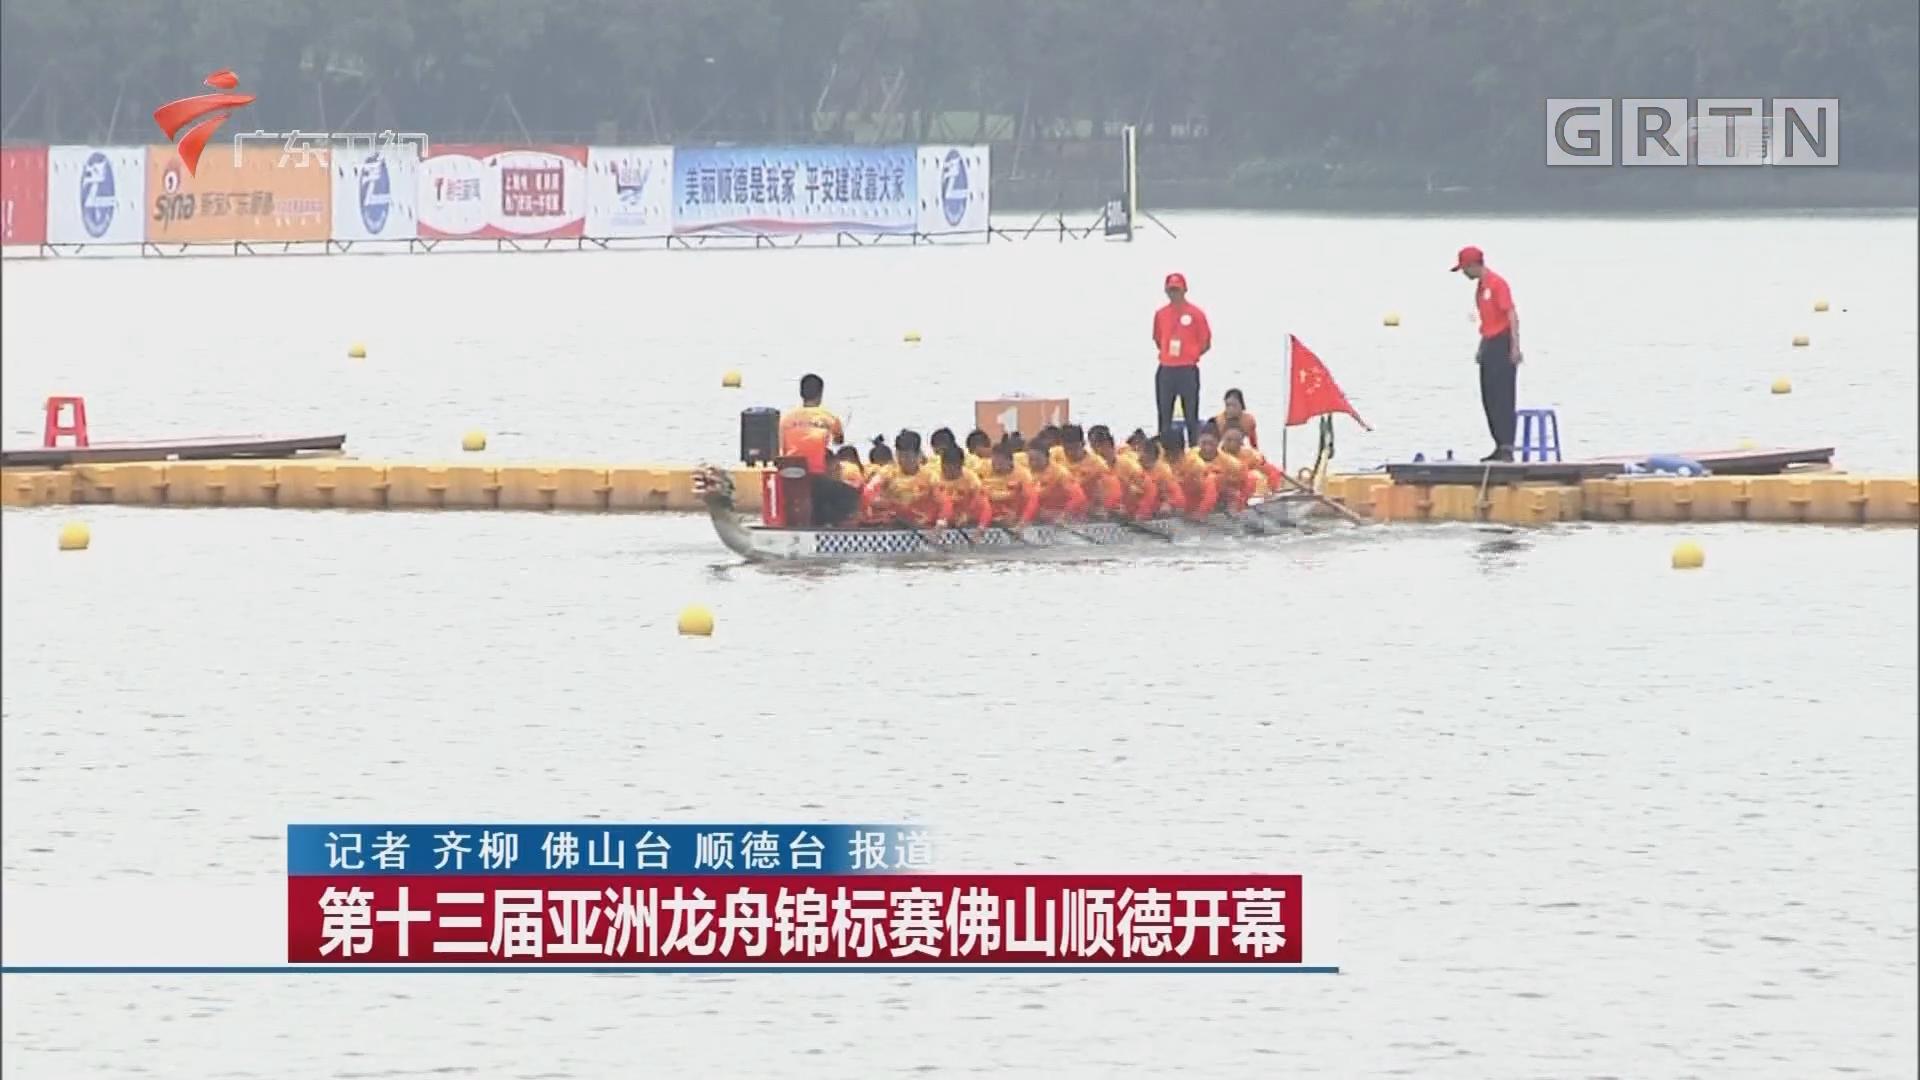 第十三届亚洲龙舟锦标赛佛山顺德开幕